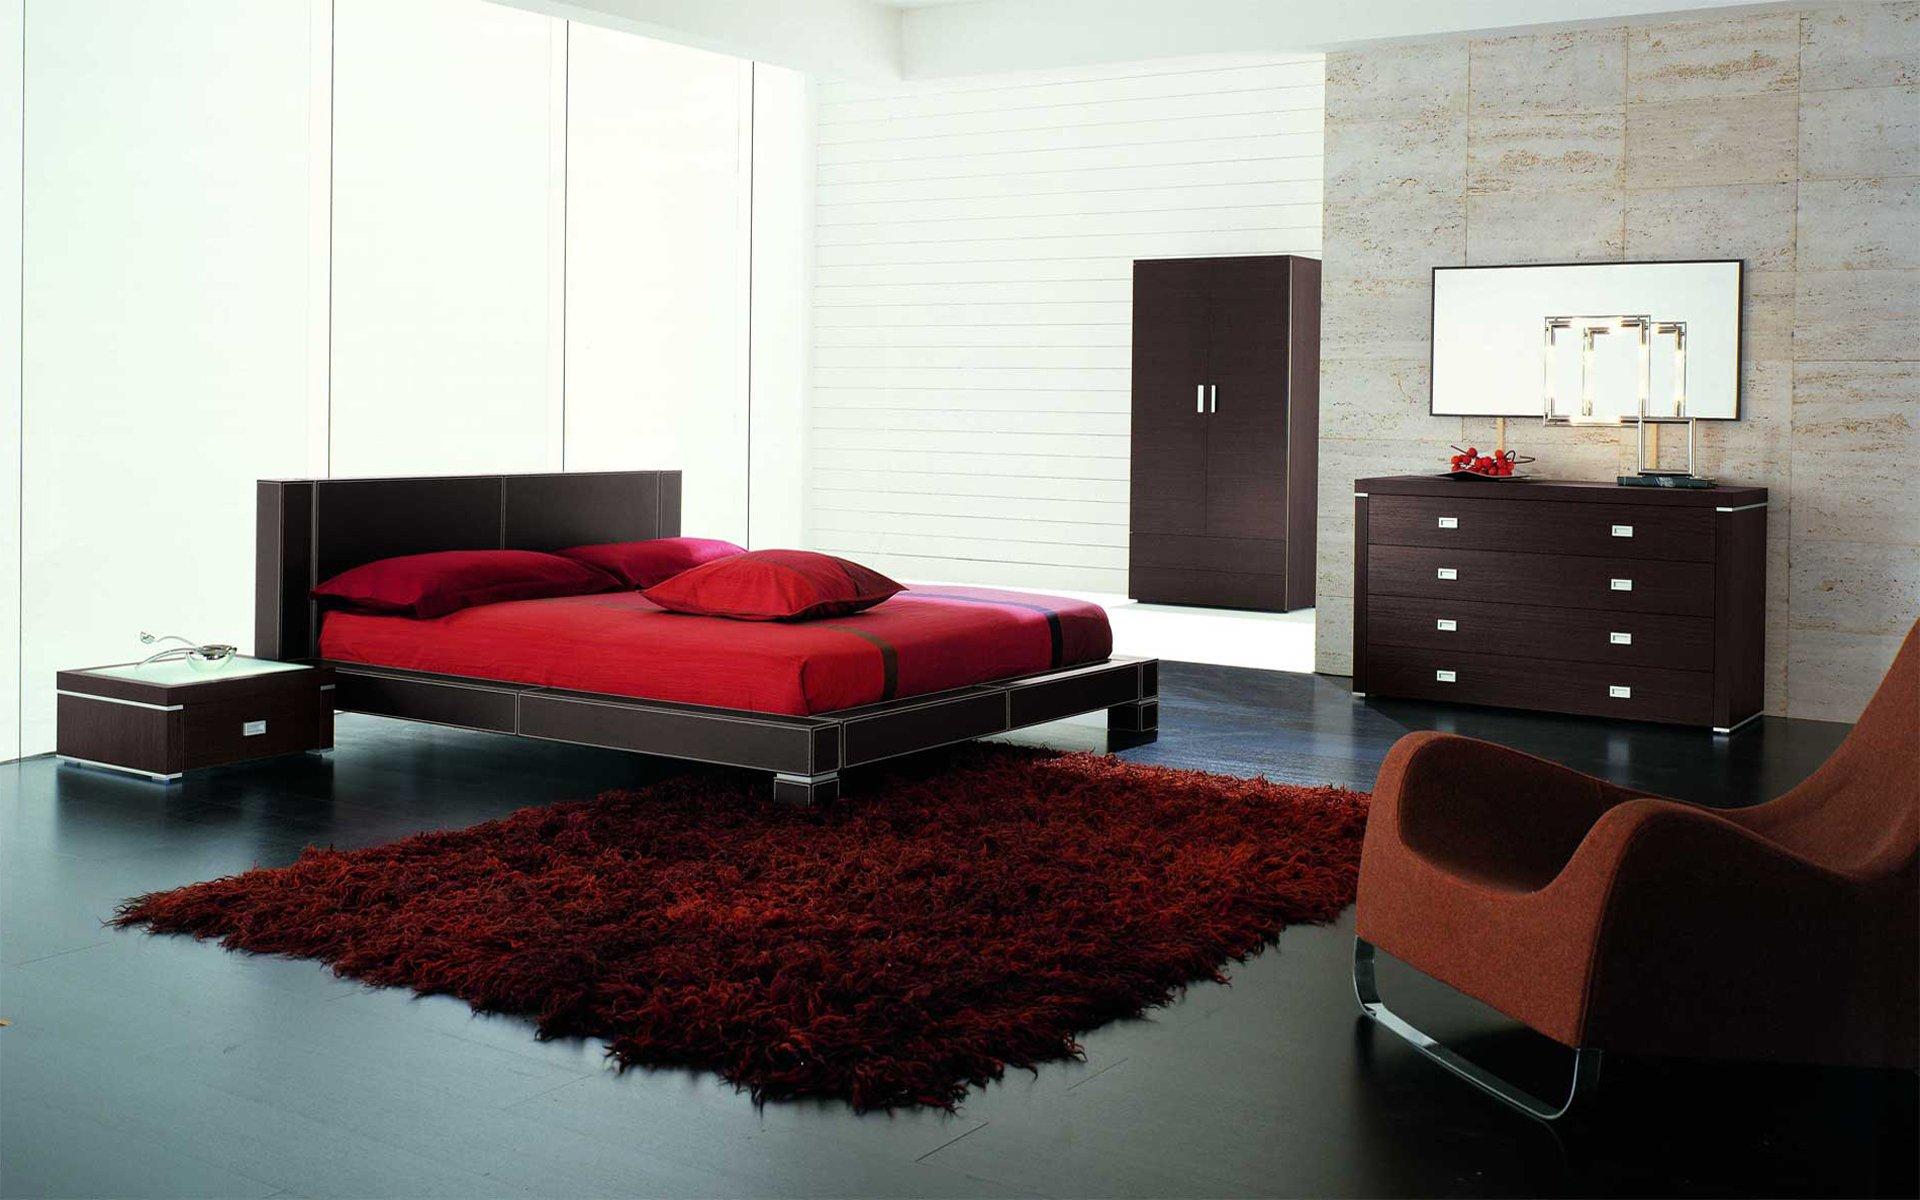 Интерьер ковры кровать  № 3537295  скачать